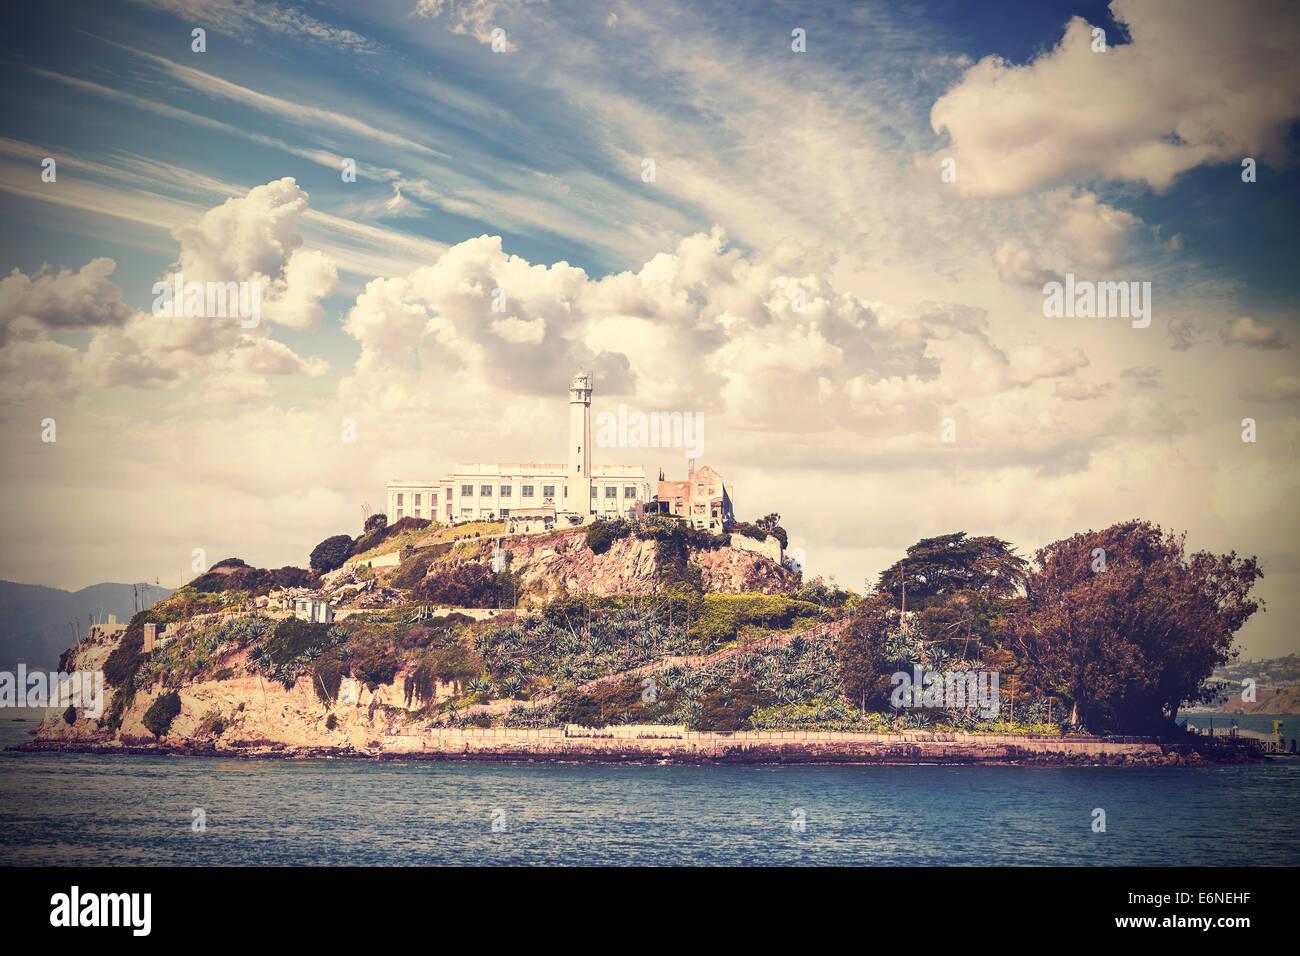 Imagen vintage de la Isla de Alcatraz en San Francisco, Estados Unidos. Imagen De Stock